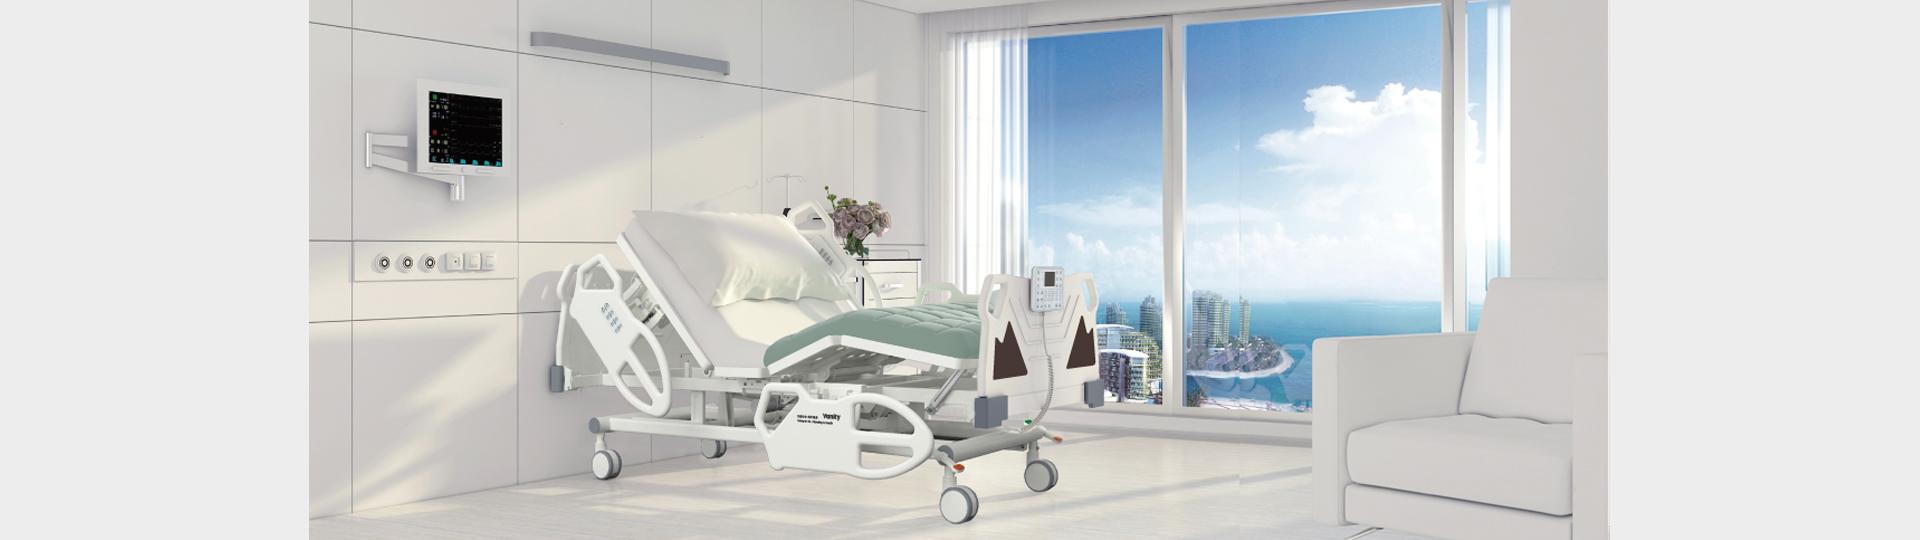 专业化的态度,提升医疗行业的功能性和便捷性